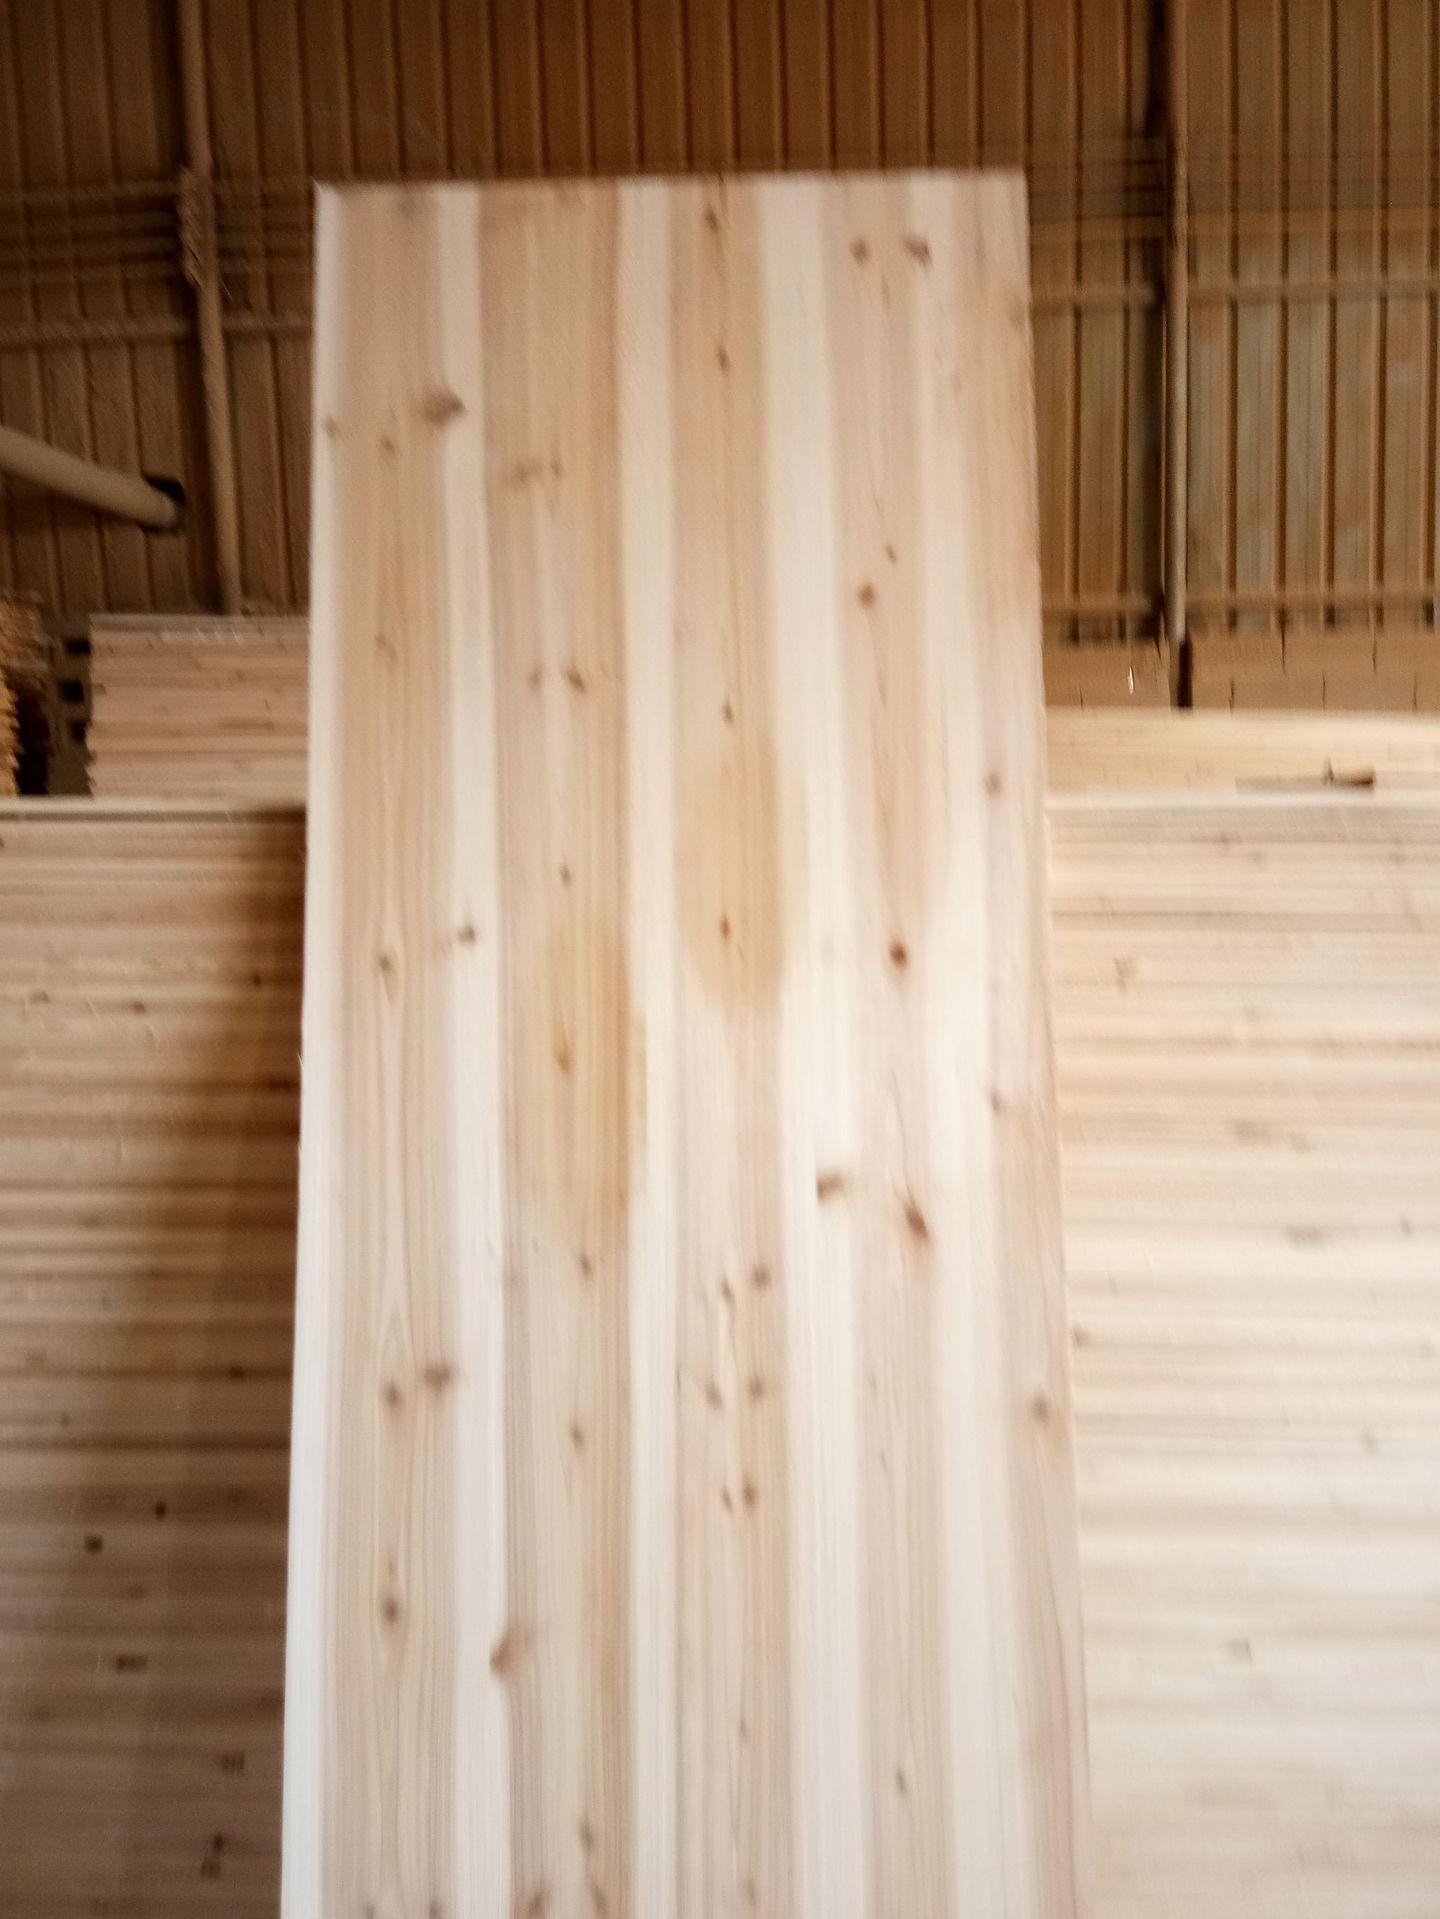 WANGSHENG Ván gỗ Nhà máy trực tiếp gỗ rắn trang trí đồ nội thất đặc biệt thơm linh sam thẳng câu đố